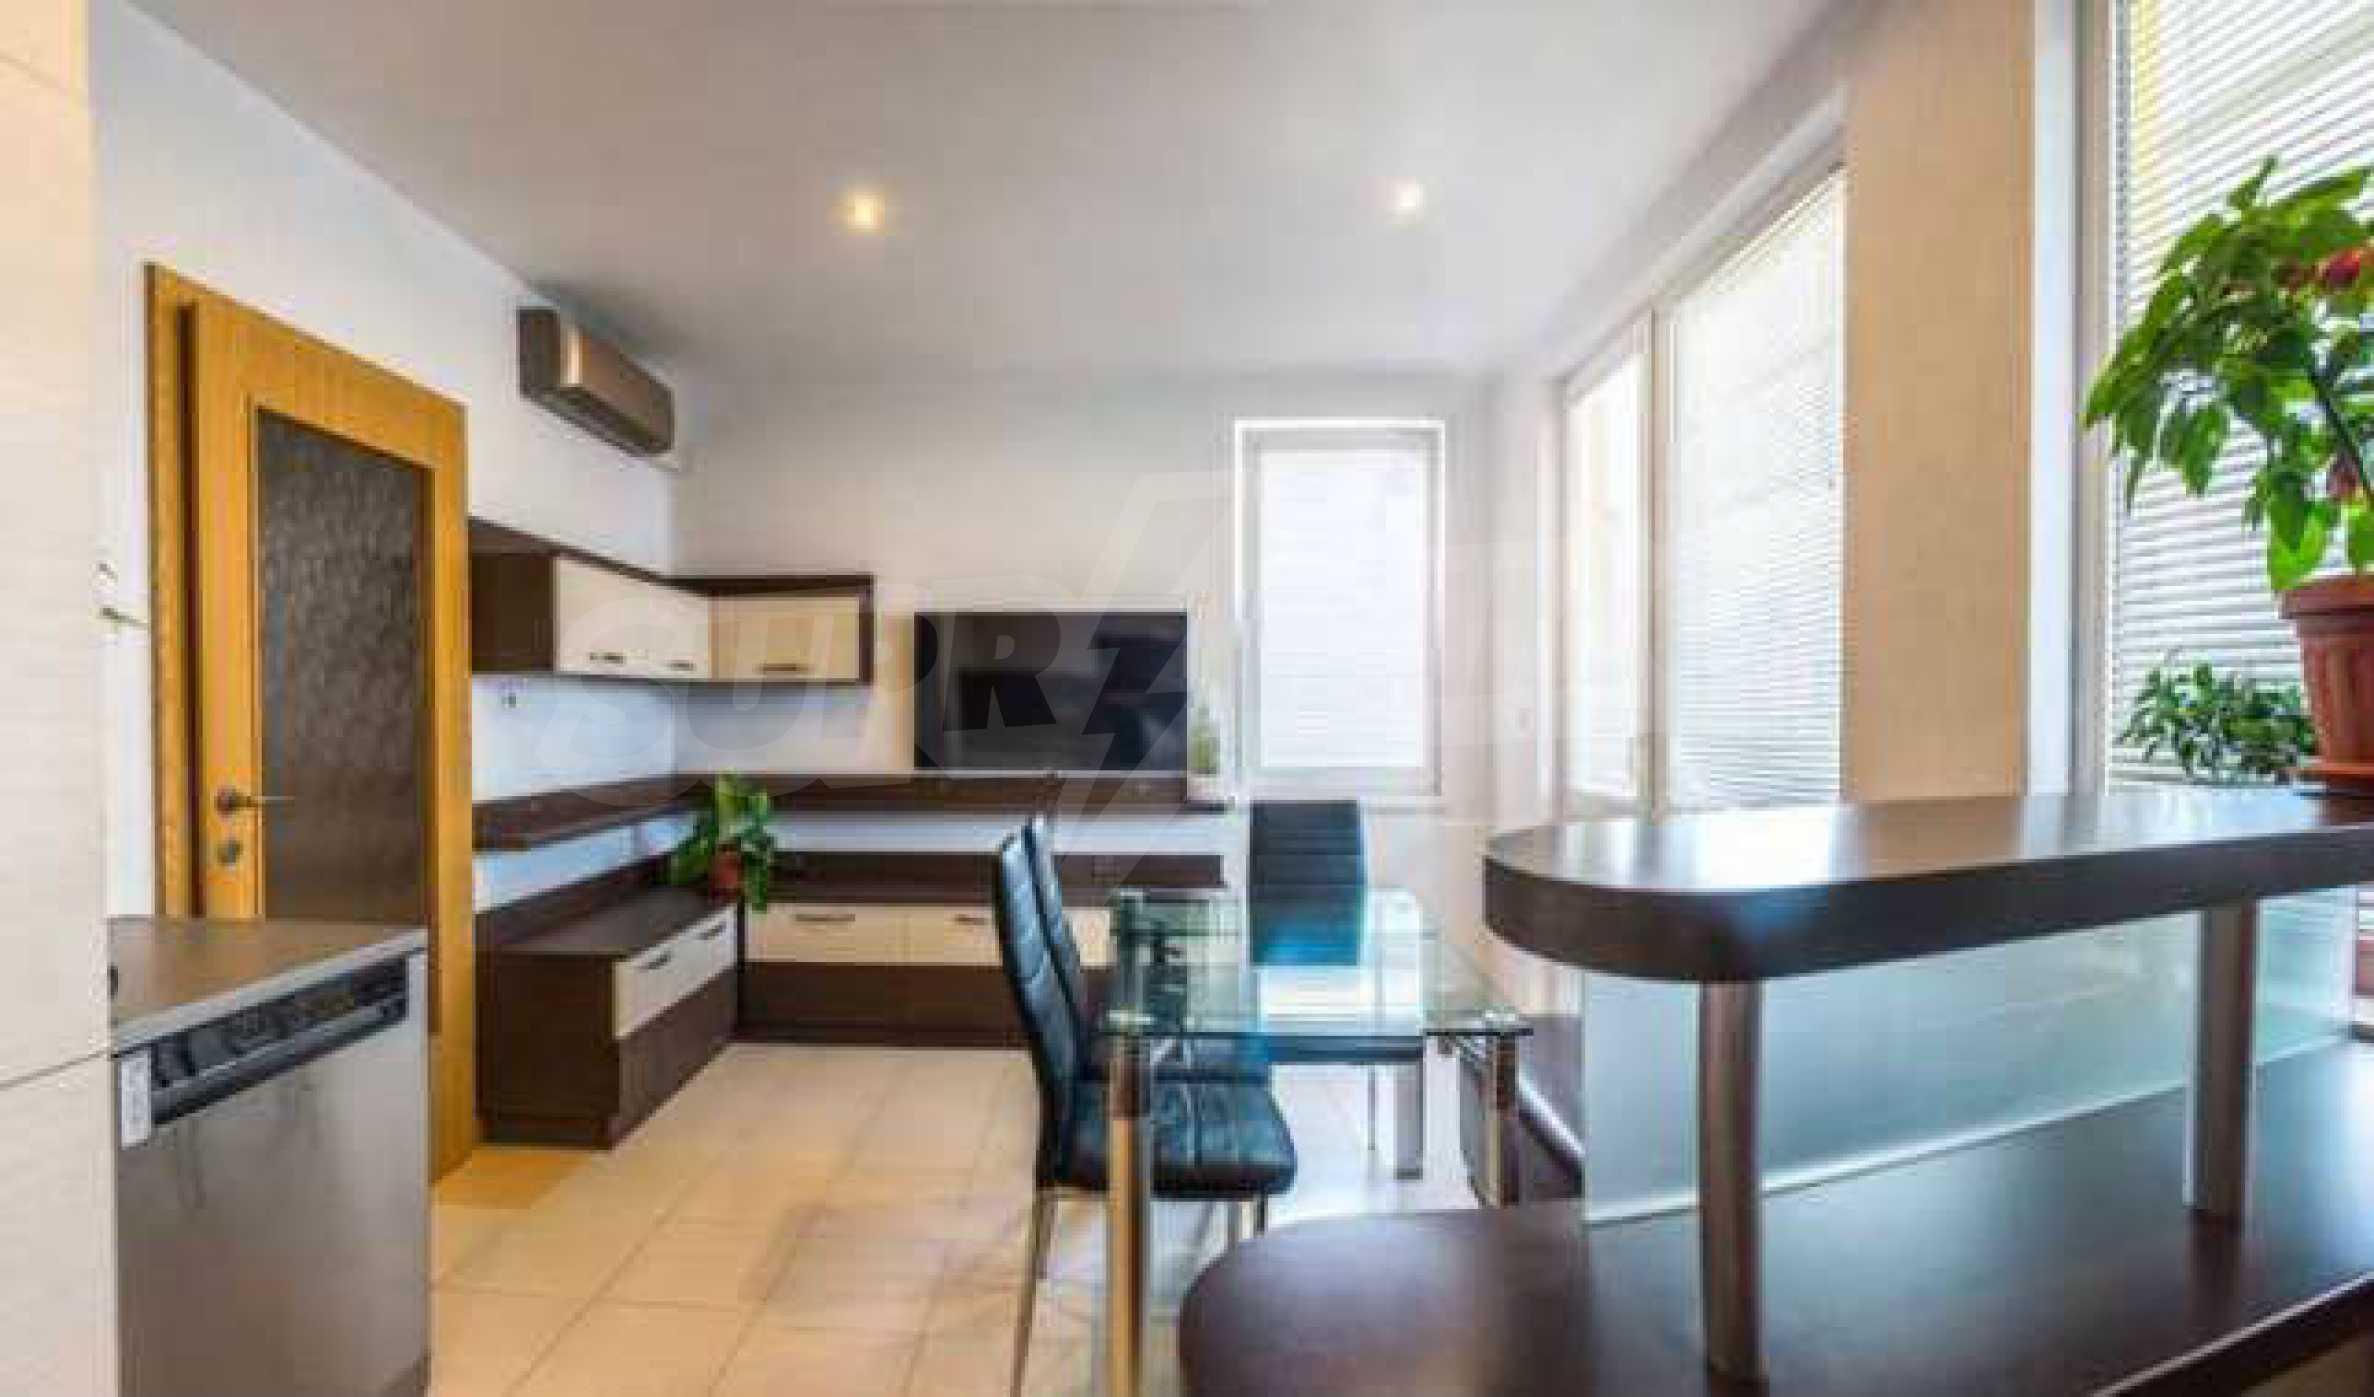 Новопостроен тристаен апартамент в кв. на град В. Търново  1